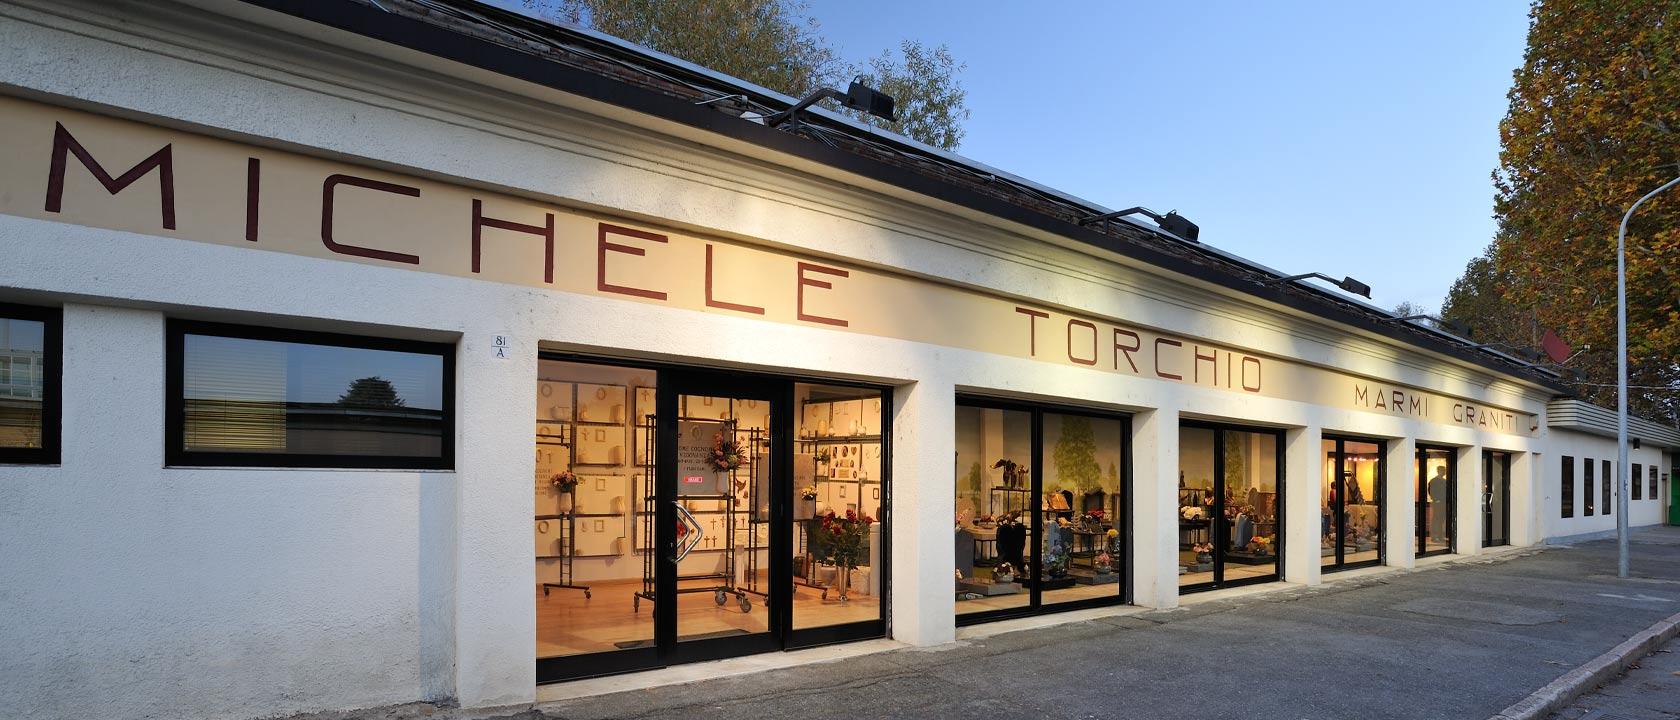 Arredamento Torino Outlet.Who We Are Torchio Marmi Srl Edilizia E Arredamento Torino